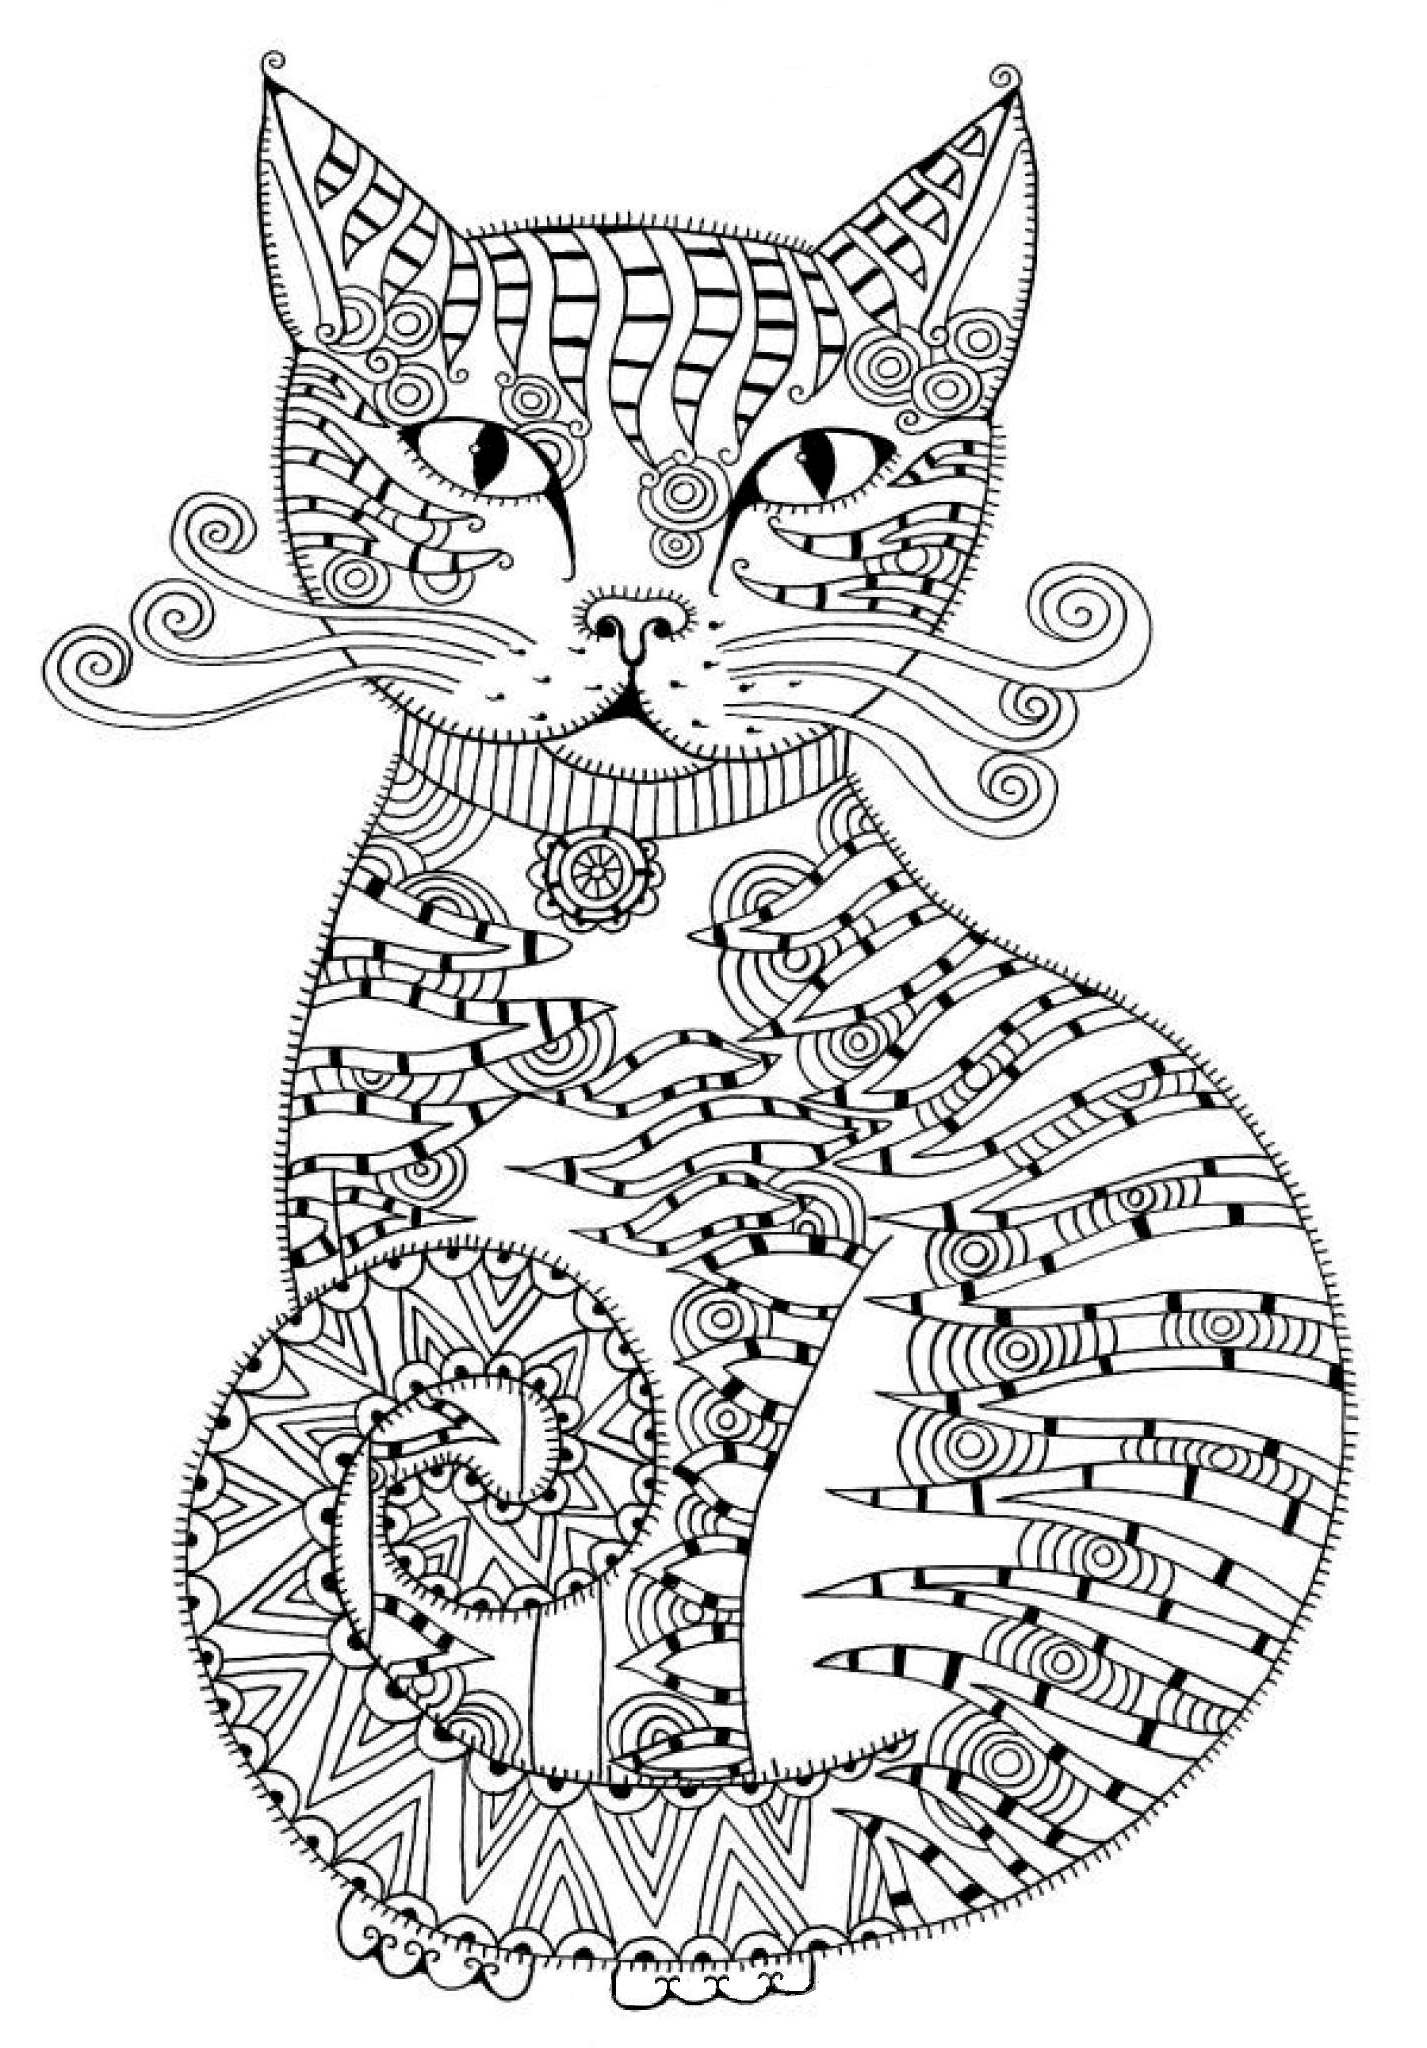 Кототерапия: раскраски антистресс кошки и коты скачать ...